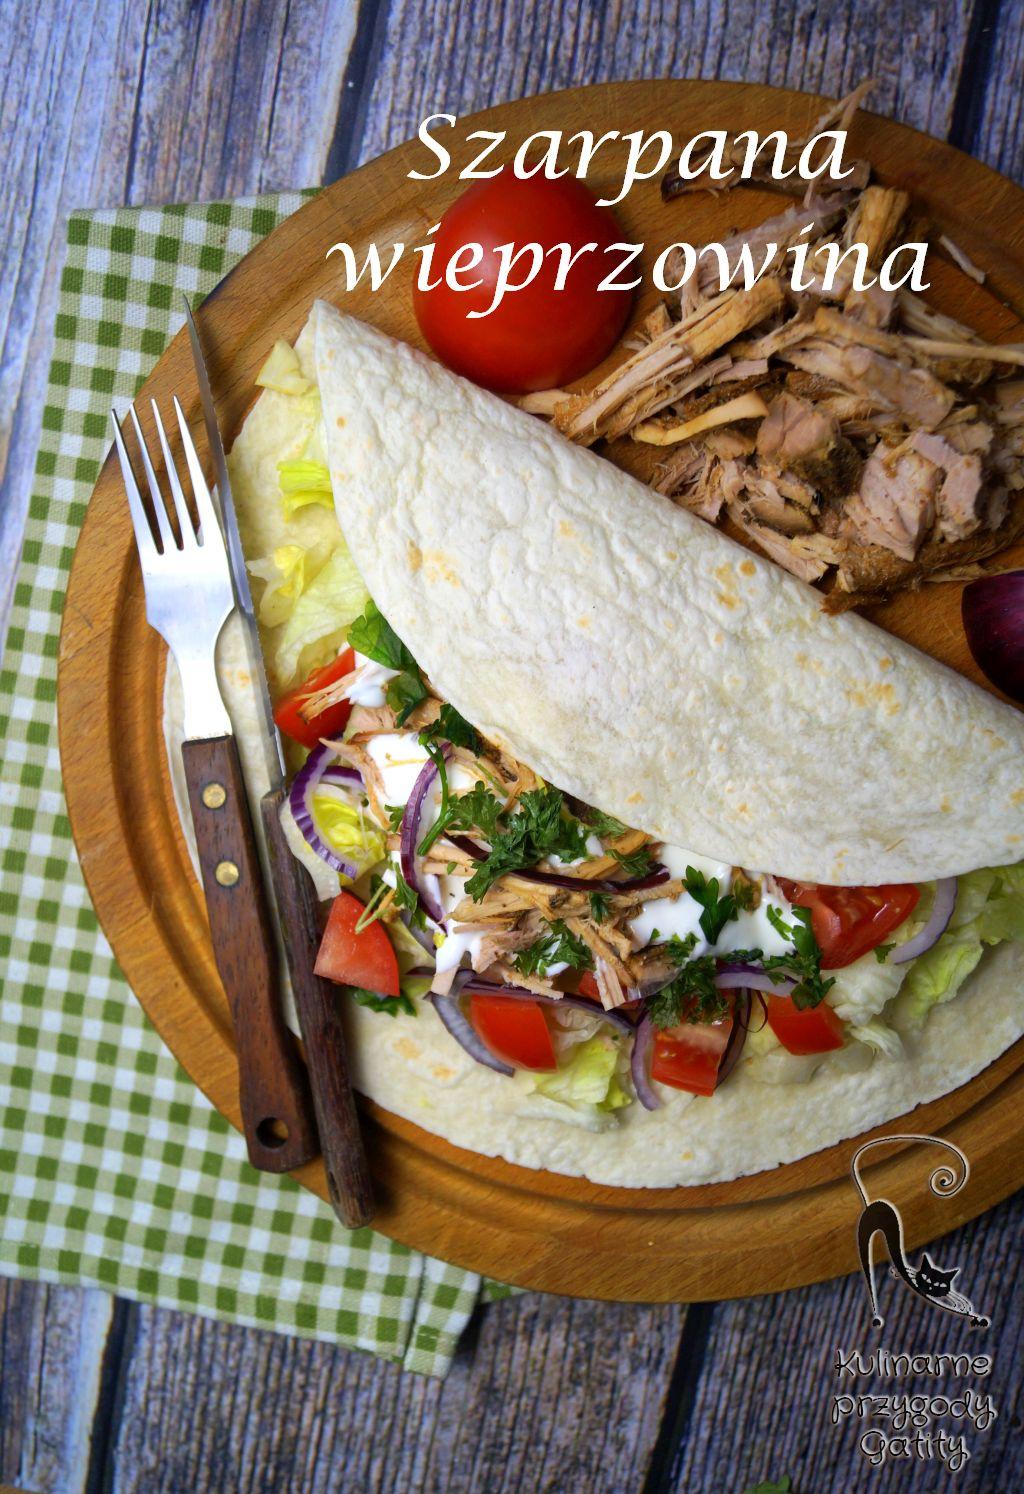 kawalki-miesa-na-tortilli